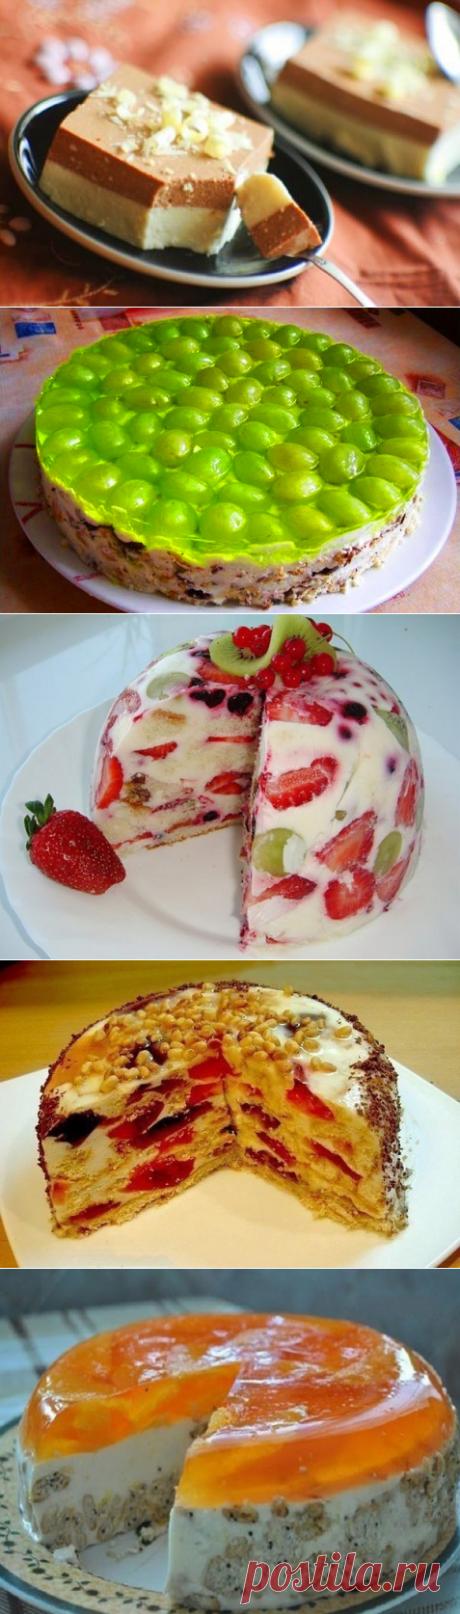 5 лучших тортов без выпекания